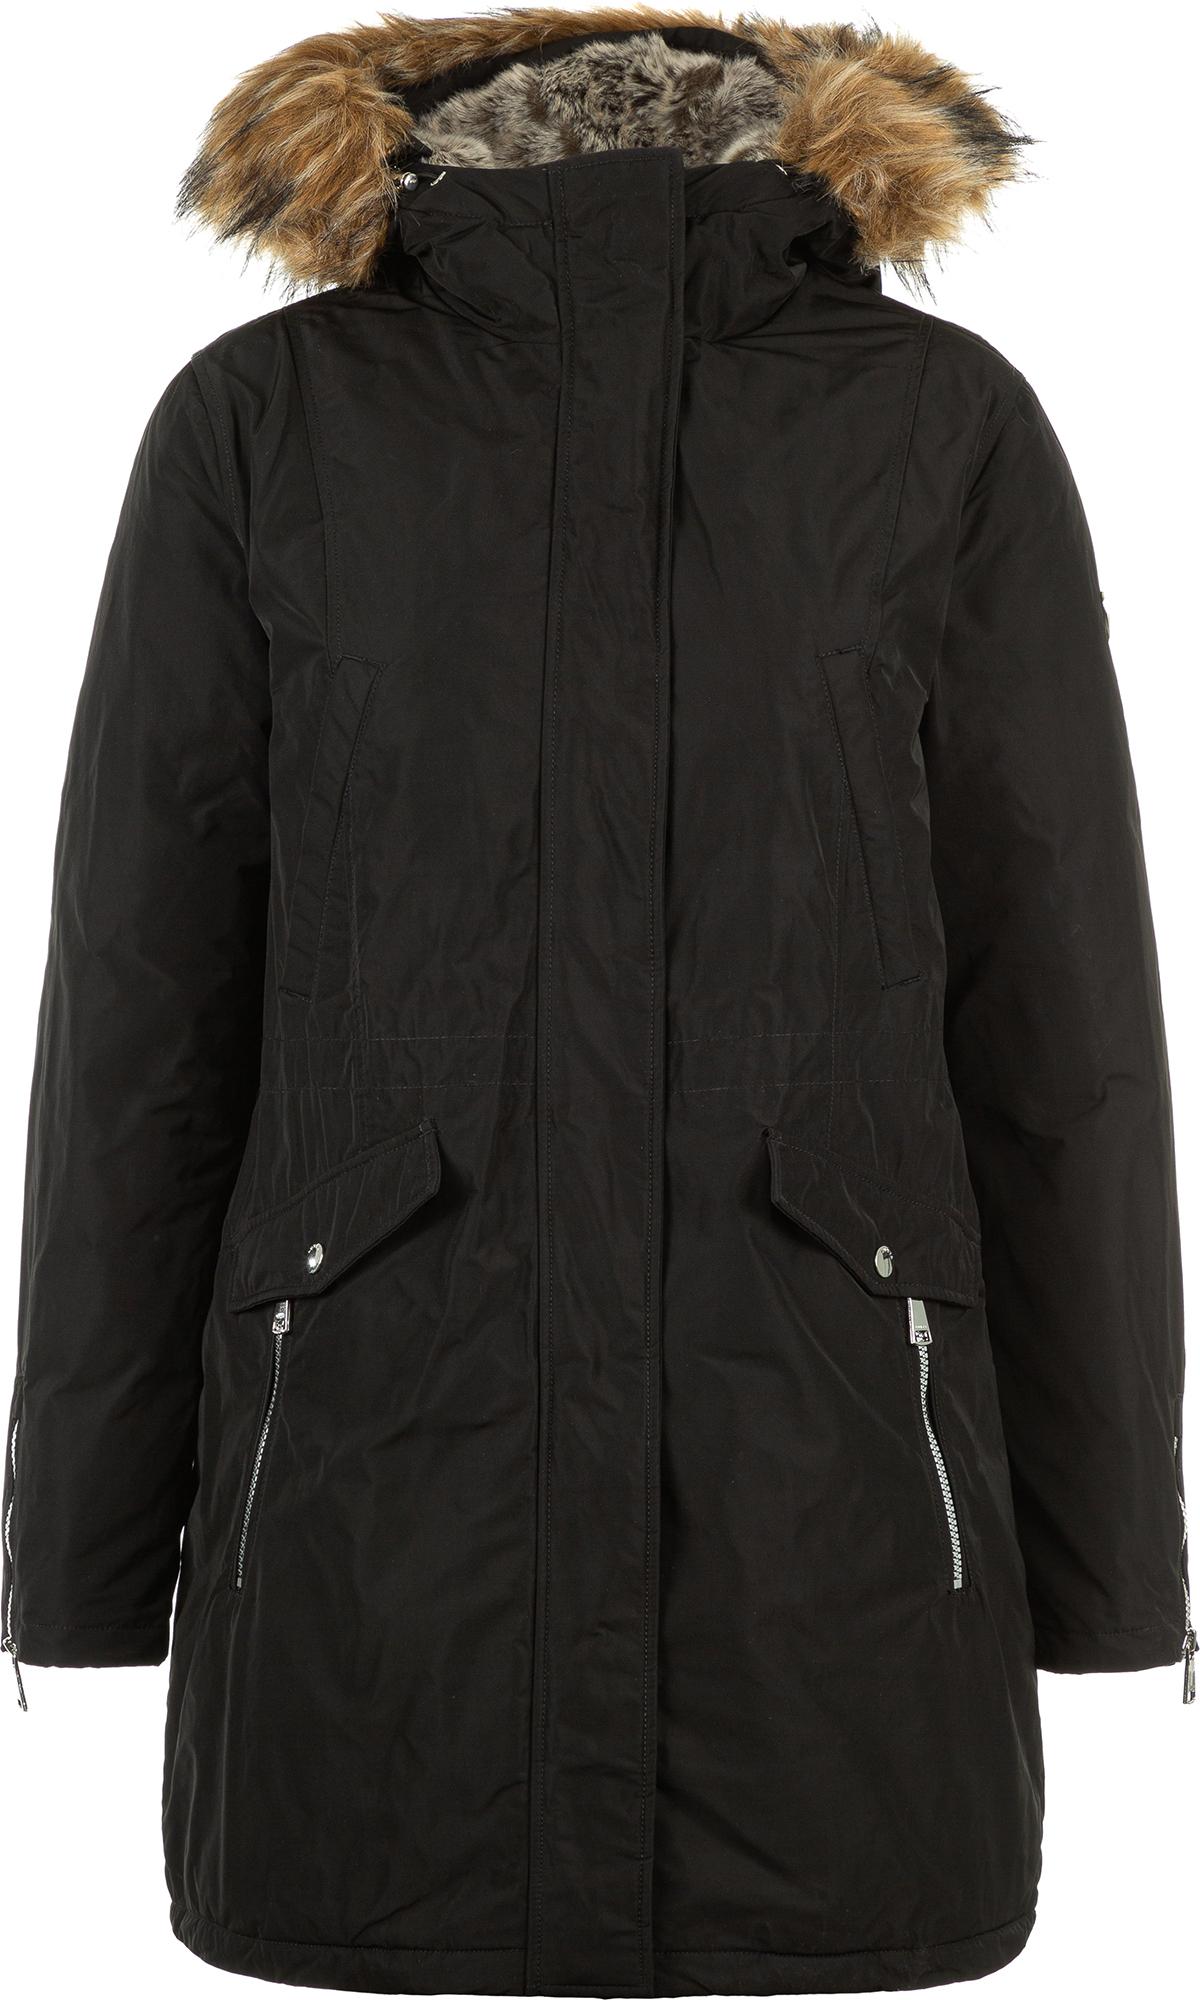 Luhta Куртка утепленная женская Luhta Ilomantsi, размер 44 куртка утепленная luhta luhta lu692ewcovk3